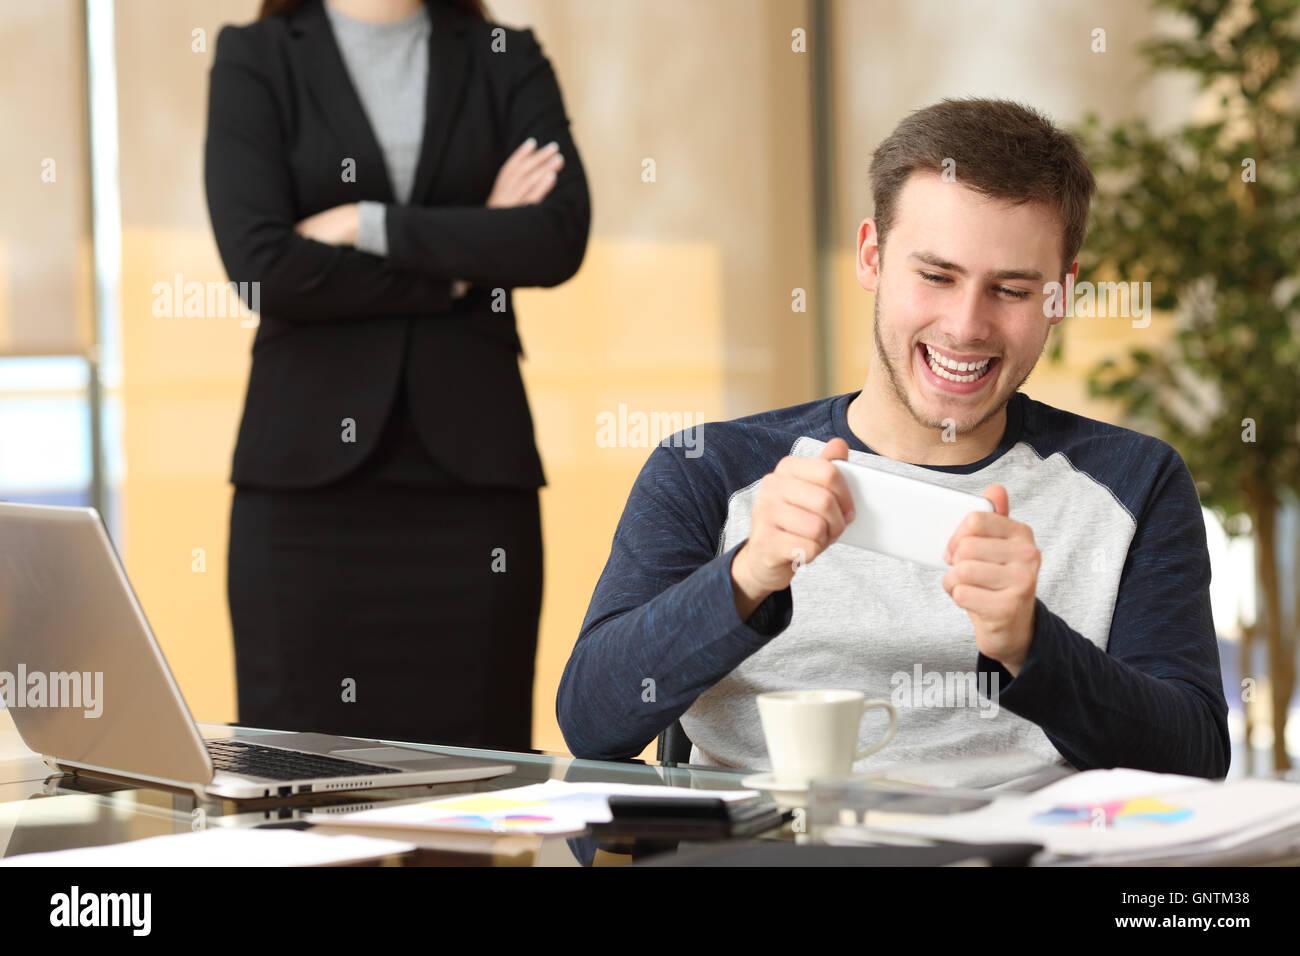 Employé paresseux de jouer avec son smartphone assis dans un bureau pendant que son patron est en colère Photo Stock